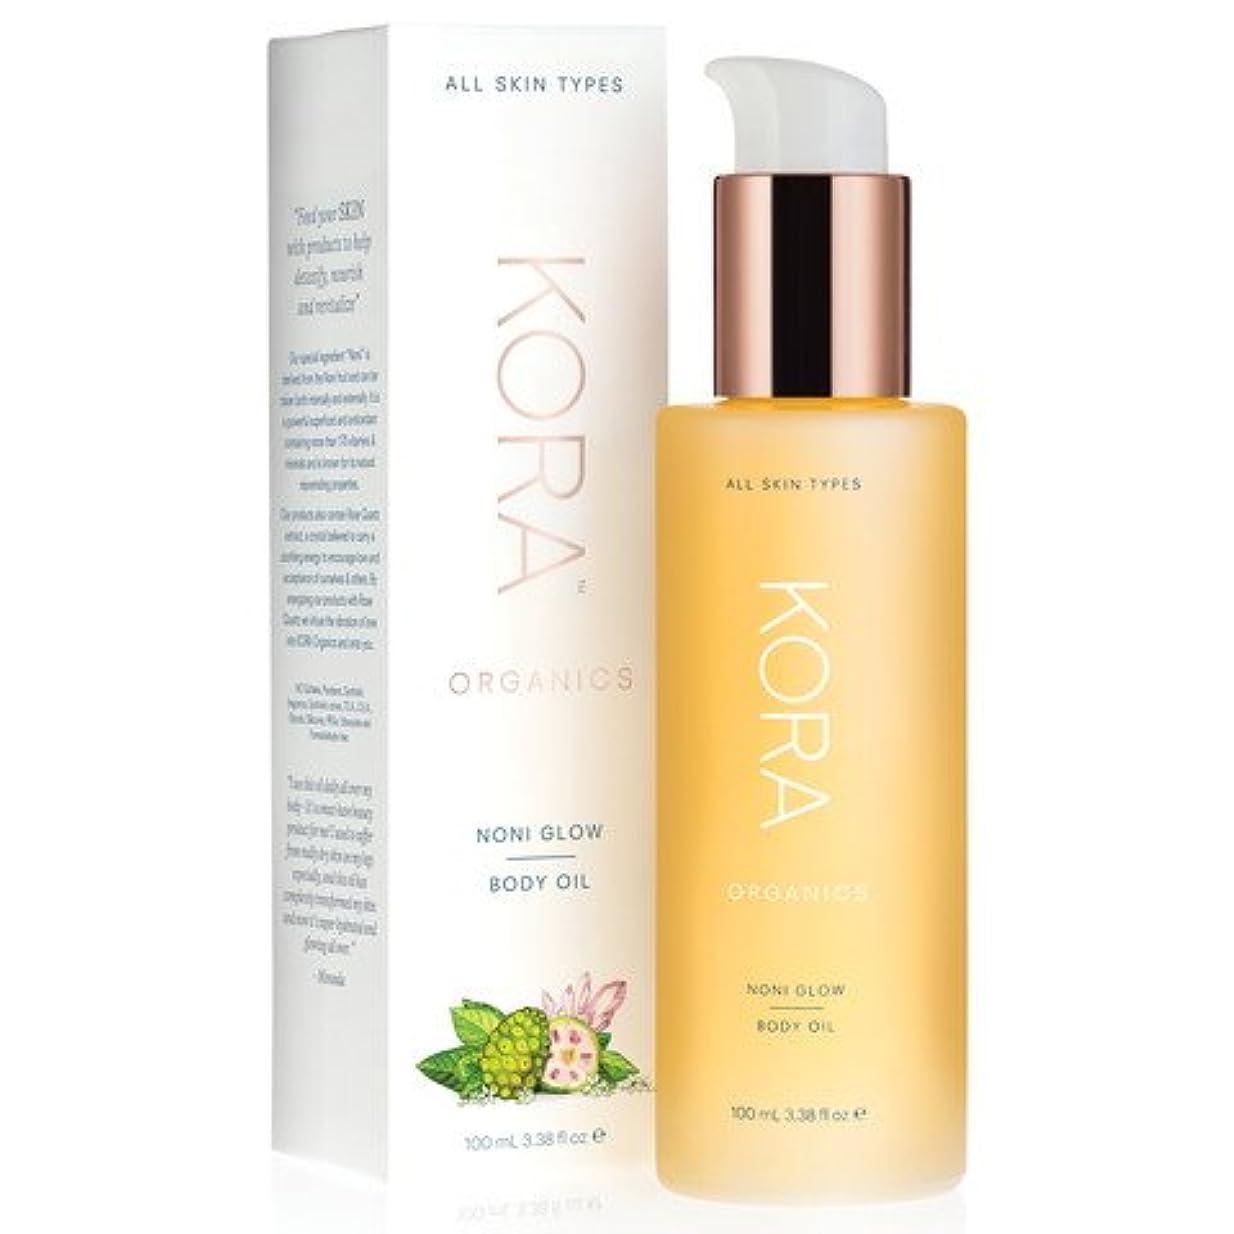 より良い特異なシンク[Kora Organics]ノニ グロー Bodyオイル(全身用?ボディオイル )[Noni Glow Body Oil][海外直送品]